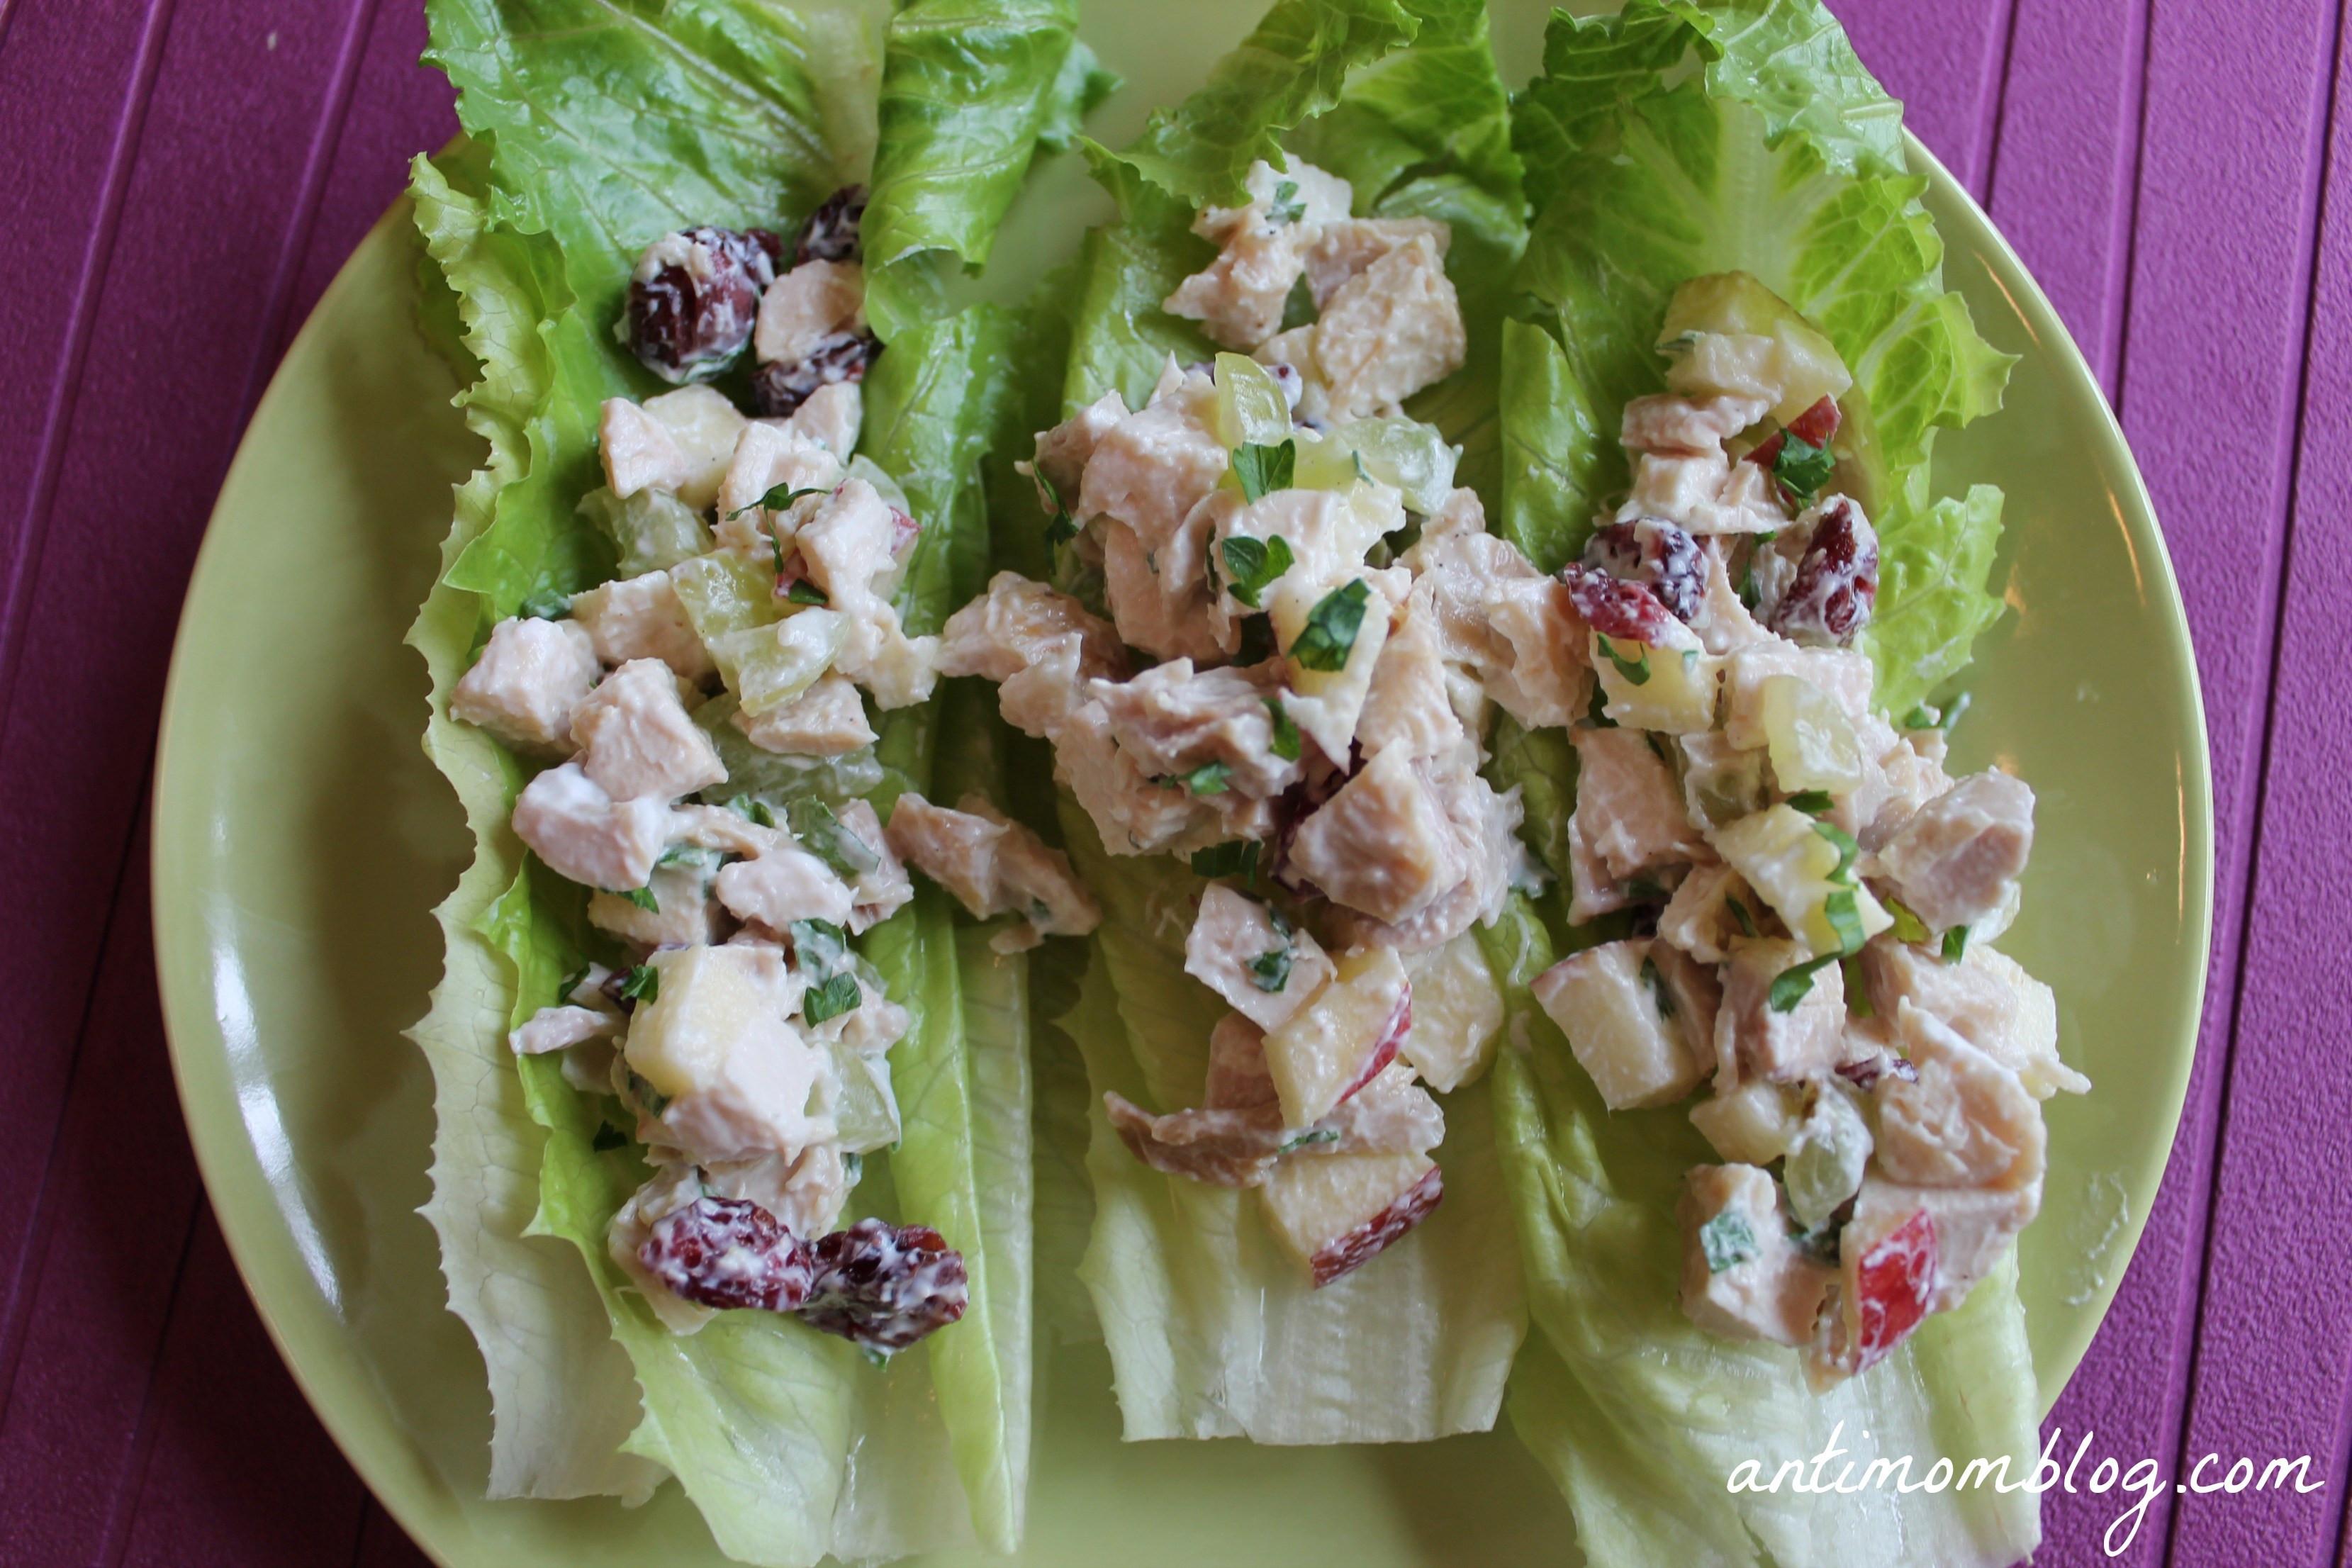 Chicken Salad Healthy  Healthy Chicken Salad Recipe The Anti Mom Blog